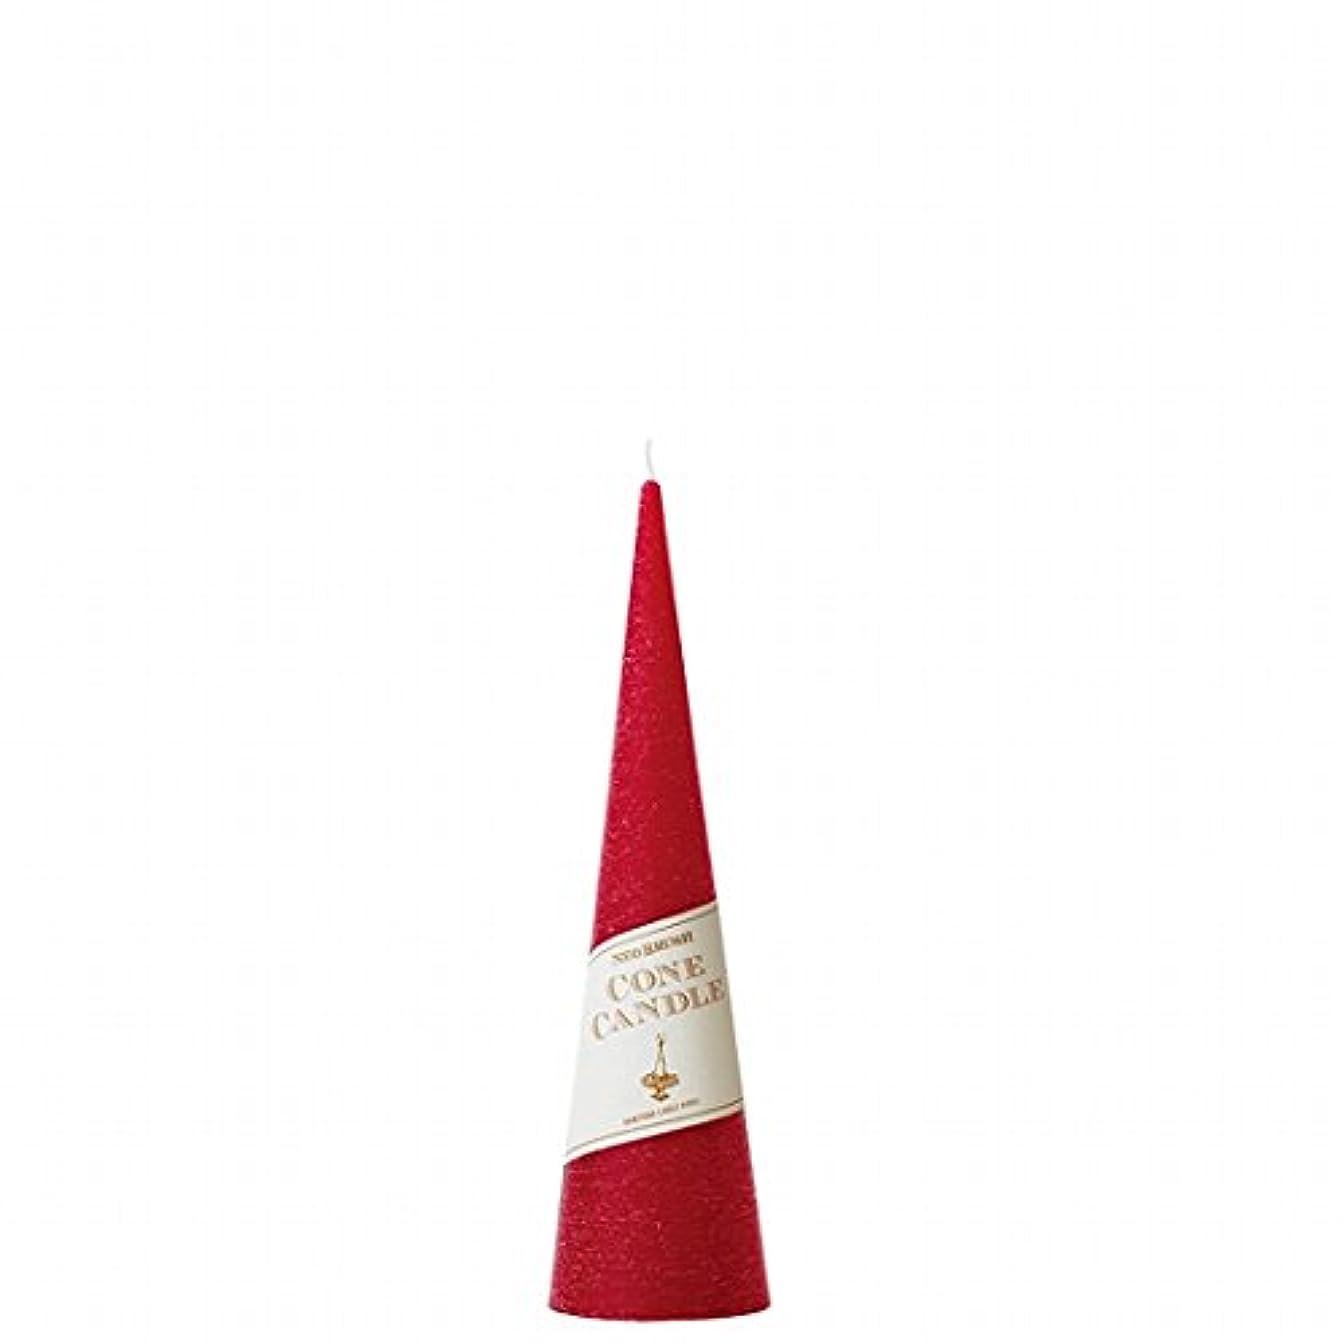 kameyama candle(カメヤマキャンドル) ネオブラッシュコーン 180 キャンドル 「 レッド 」(A9750010R)